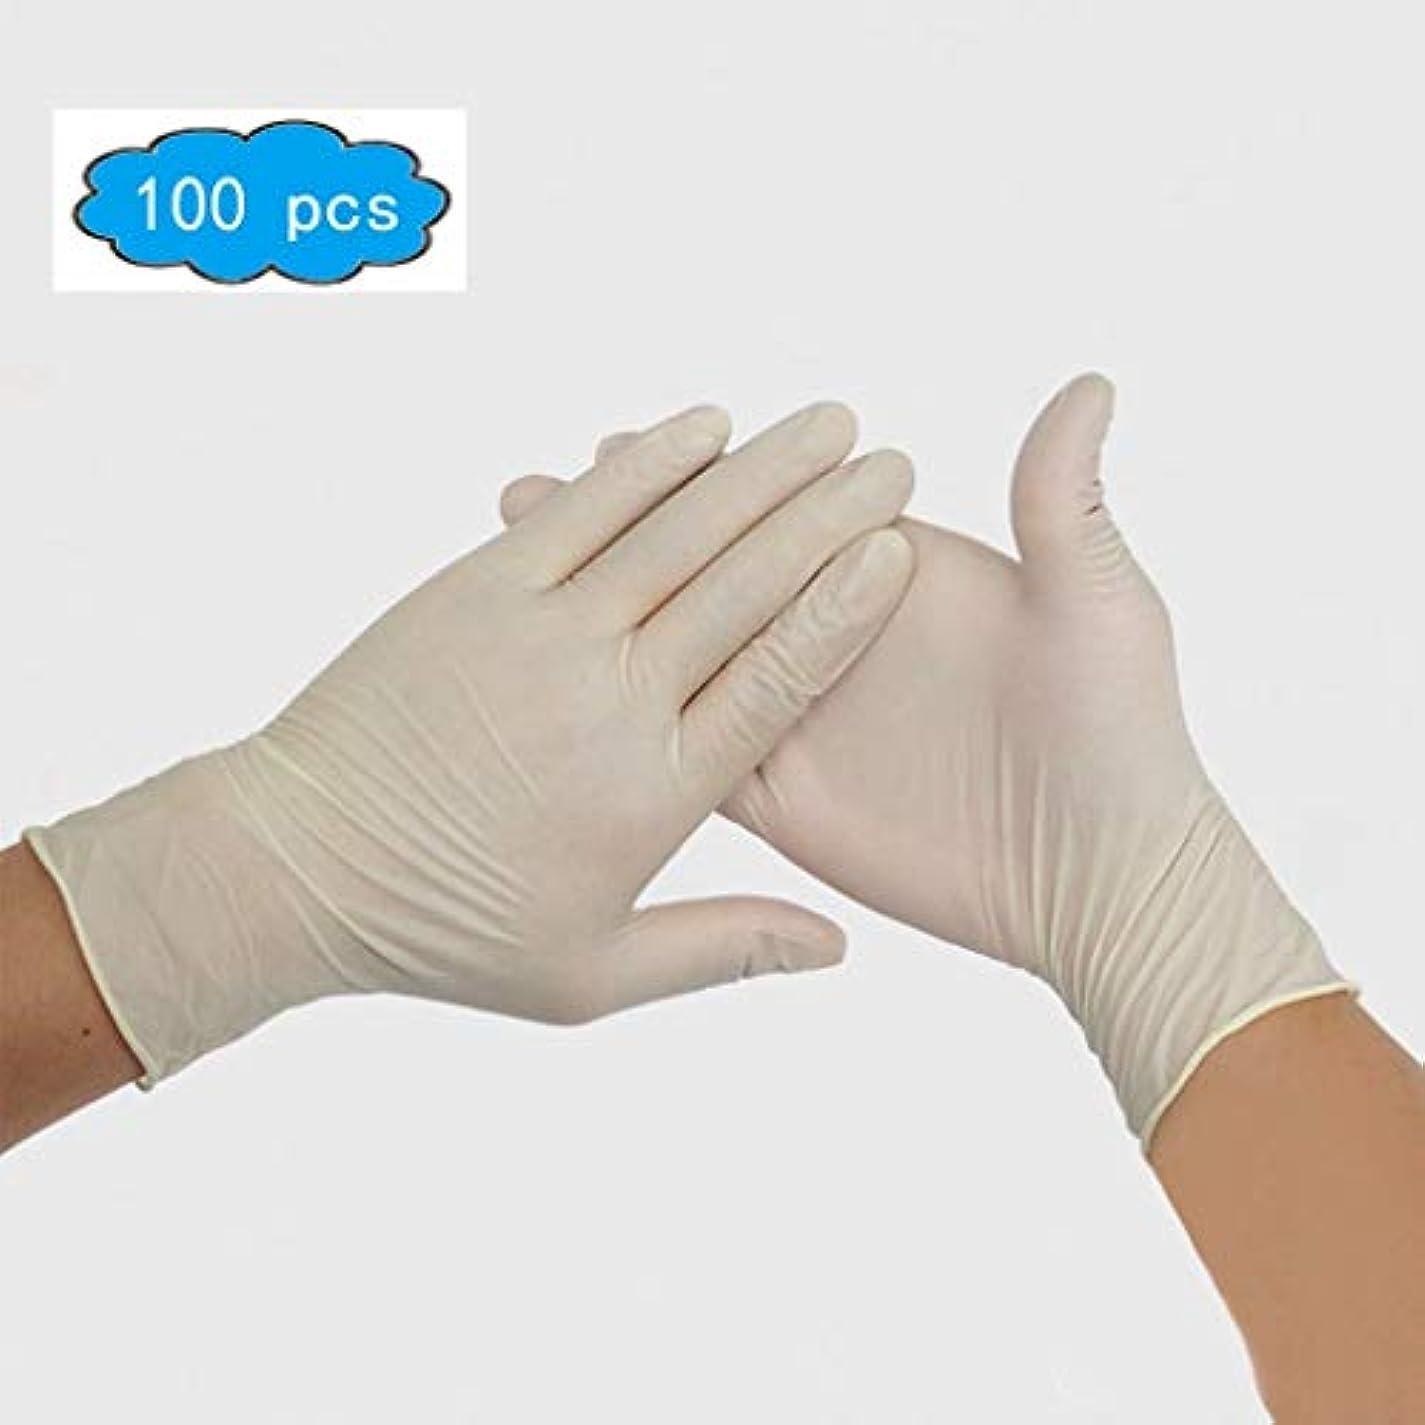 意欲ぼかすまっすぐにする使い捨て安全手袋、ラテックス手袋、無菌、パウダーフリー、滑らかな接触、食品等級、大型[100パック]家庭用品 (Color : Milky, Size : M)